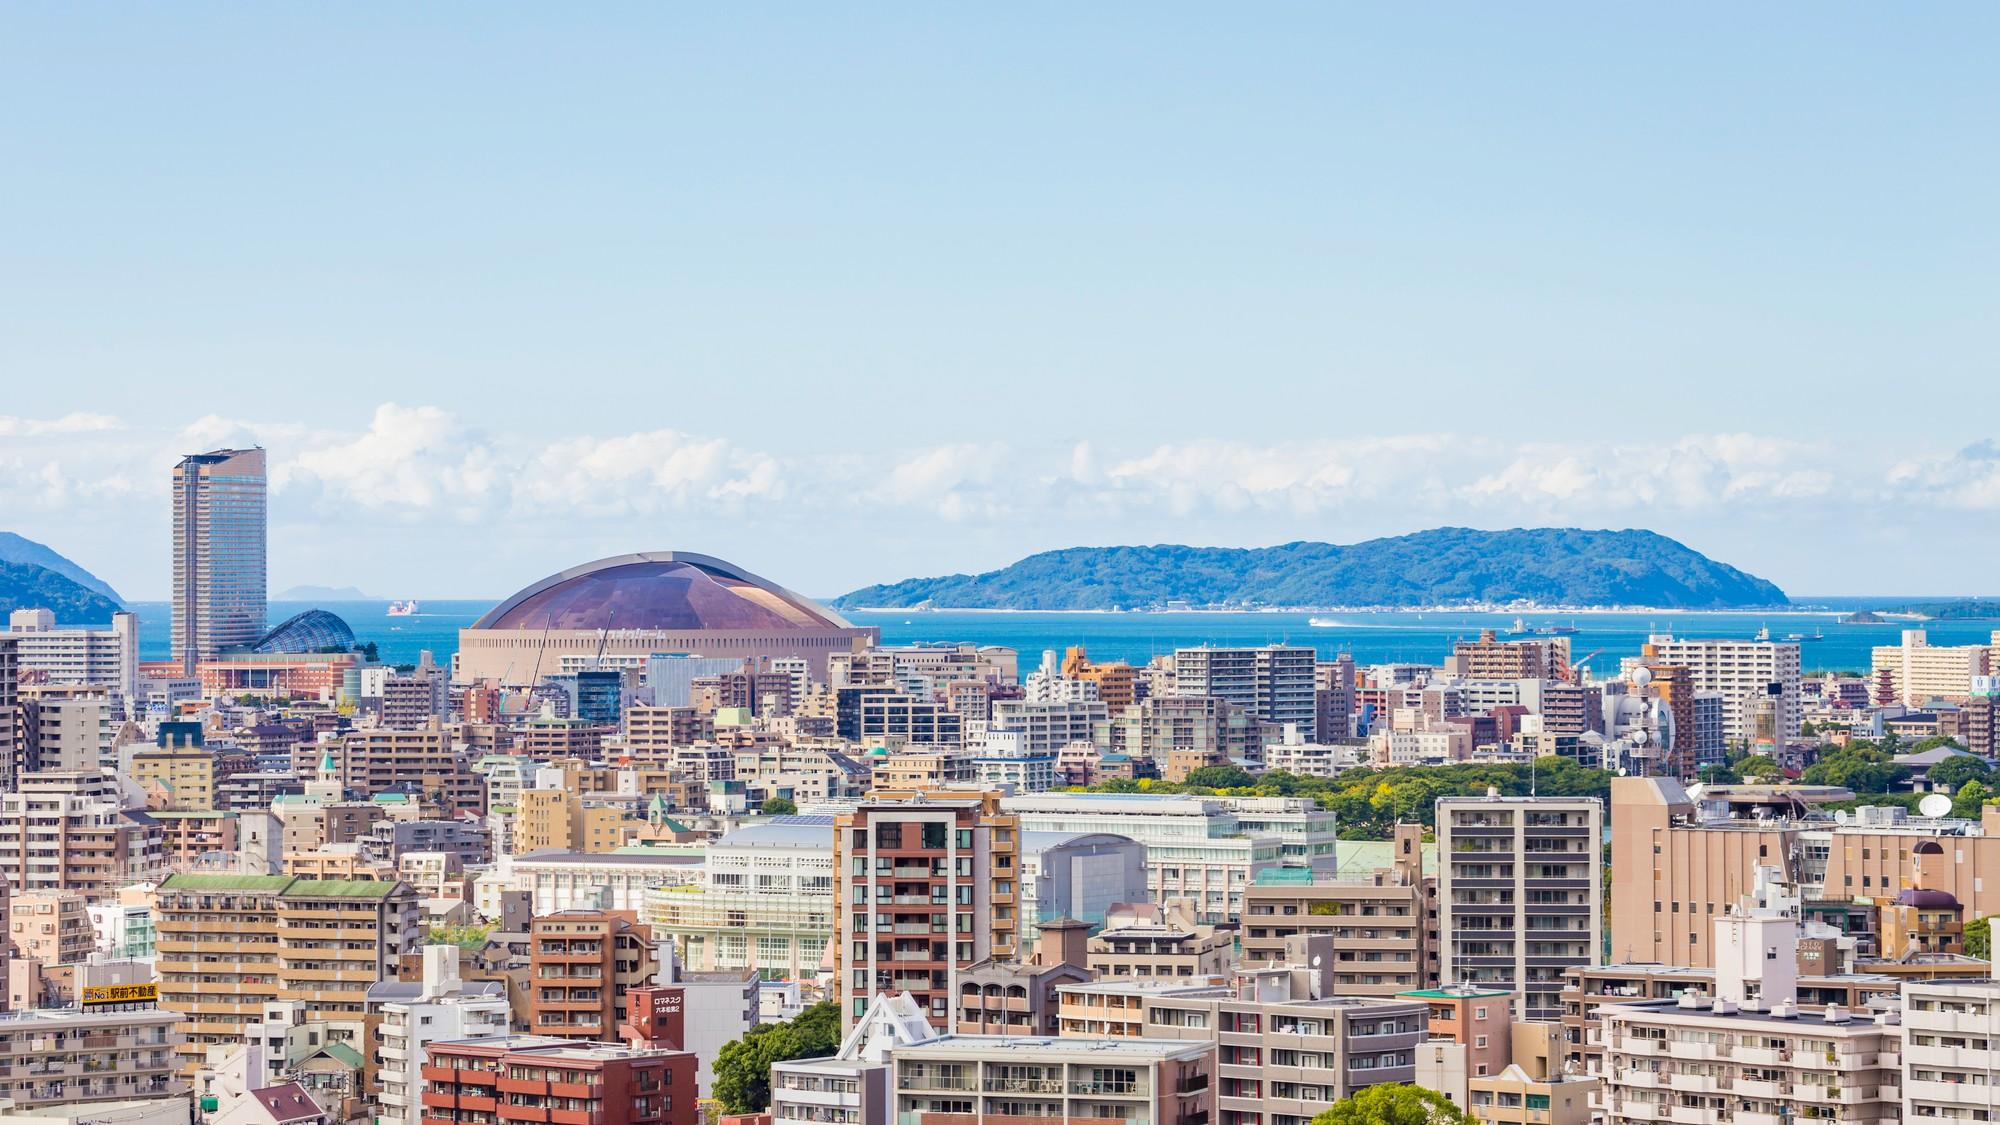 なぜ「福岡市」には、国内外のスタートアップが集まるのか?